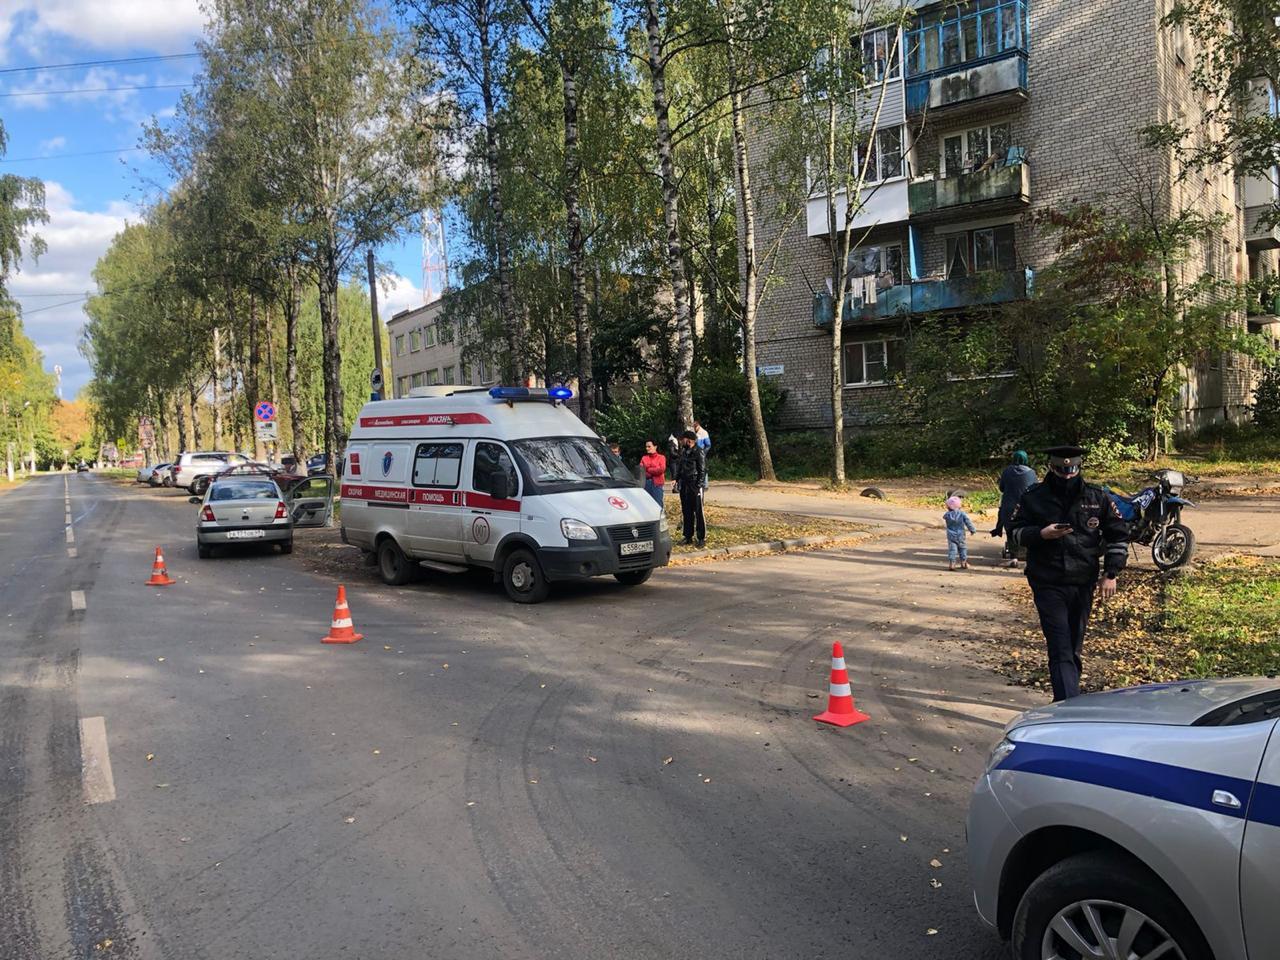 Мотоциклиста срочно доставили в больницу после аварии с иномаркой в Твери